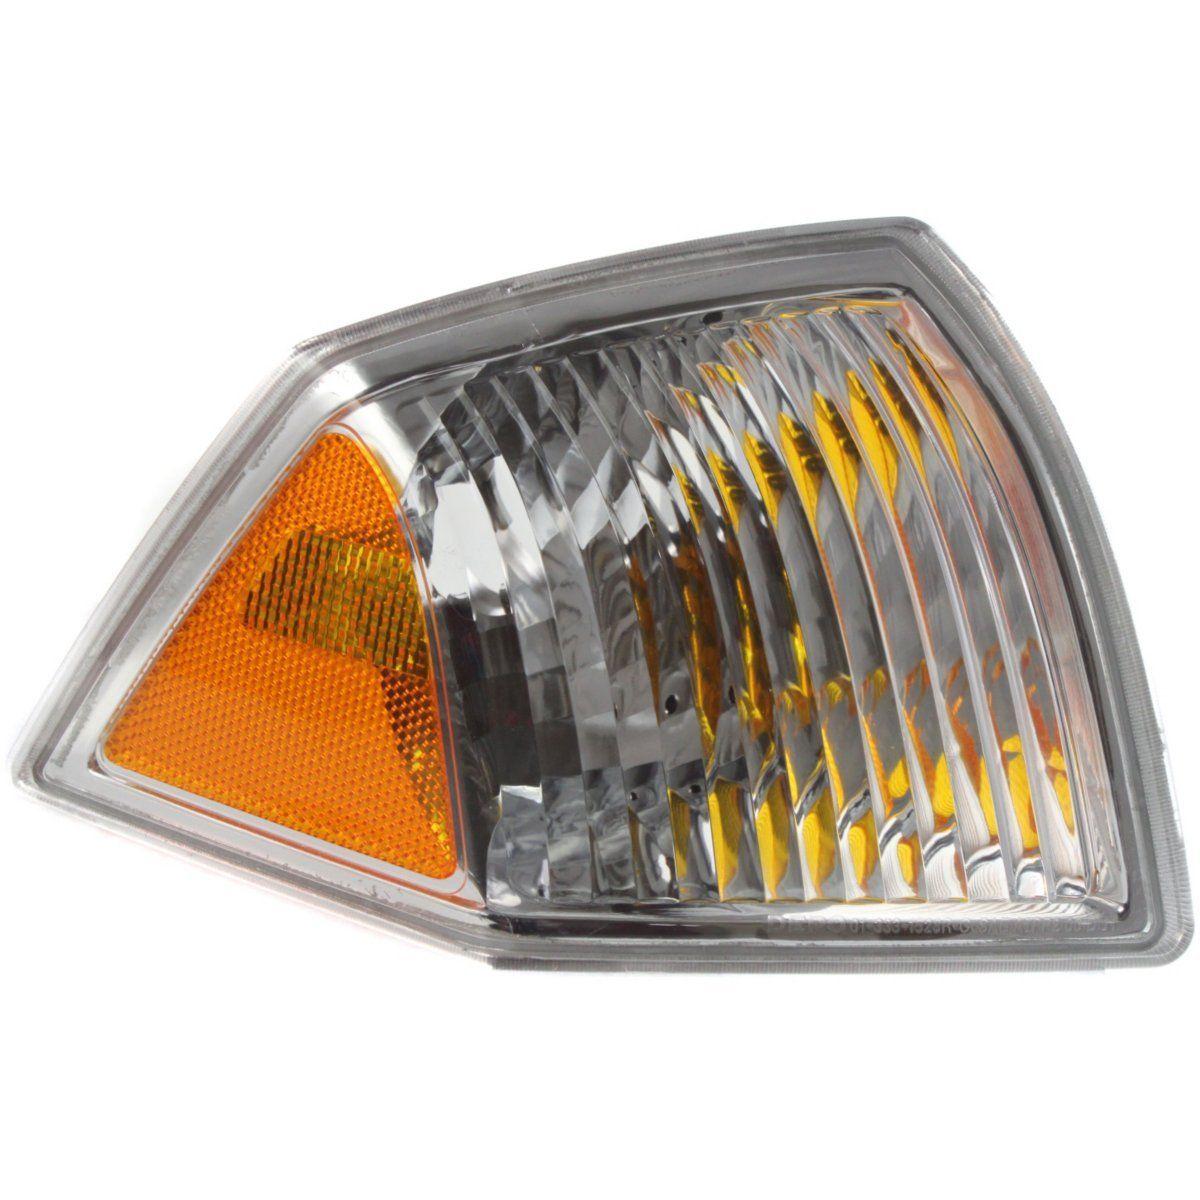 コーナーライト Corner Light For 2007-2010 Jeep Compass Passenger Side Incandescent 2007 - 2010年のジープコンパス乗客側白熱灯のコーナーライト